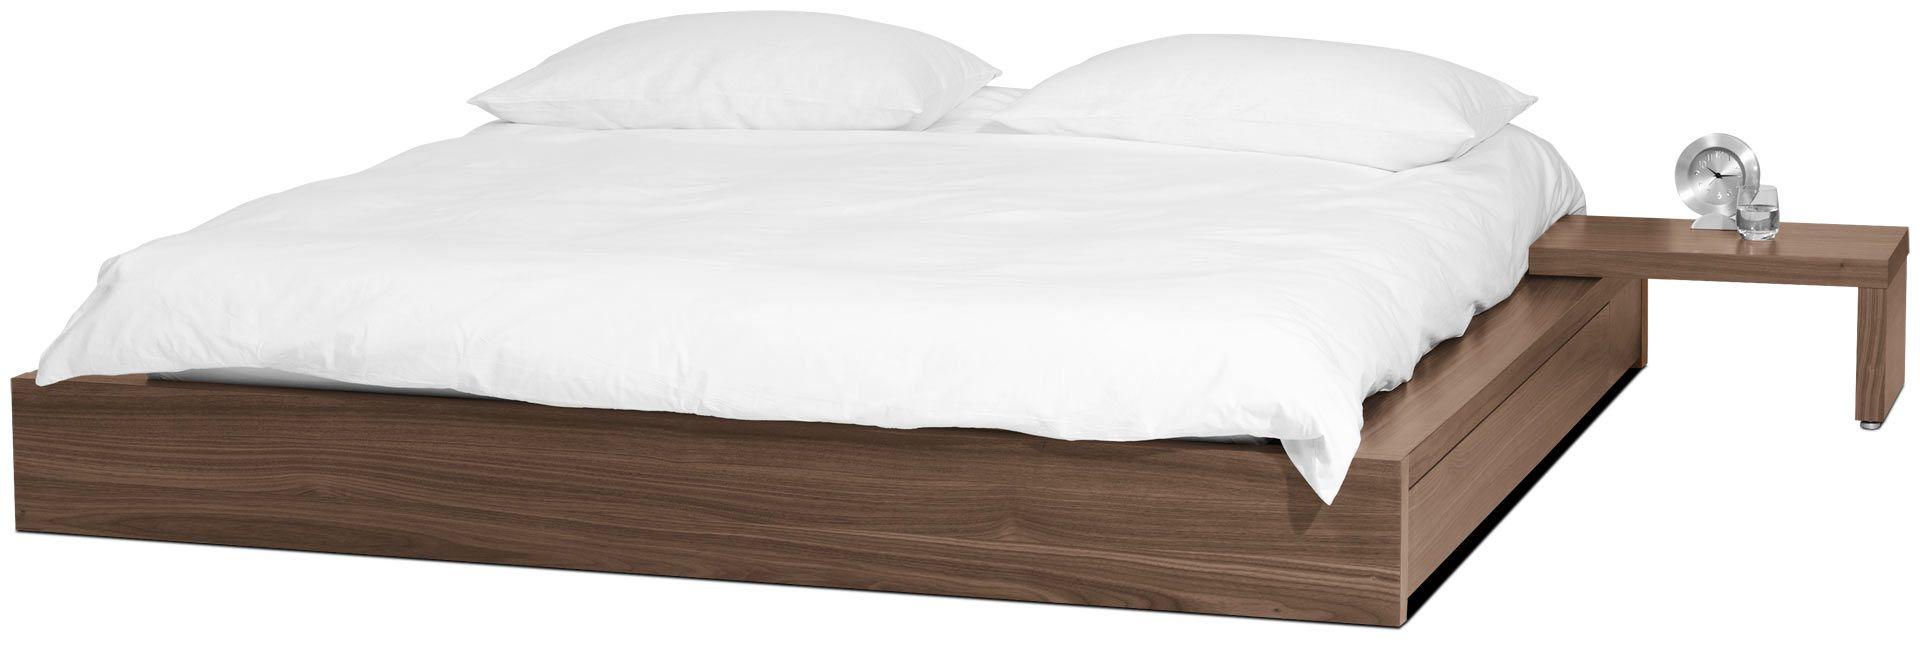 Modern Bedroom Furniture Sydney Modern Beds Designer Beds Boconcept Furniture Sydney Australia